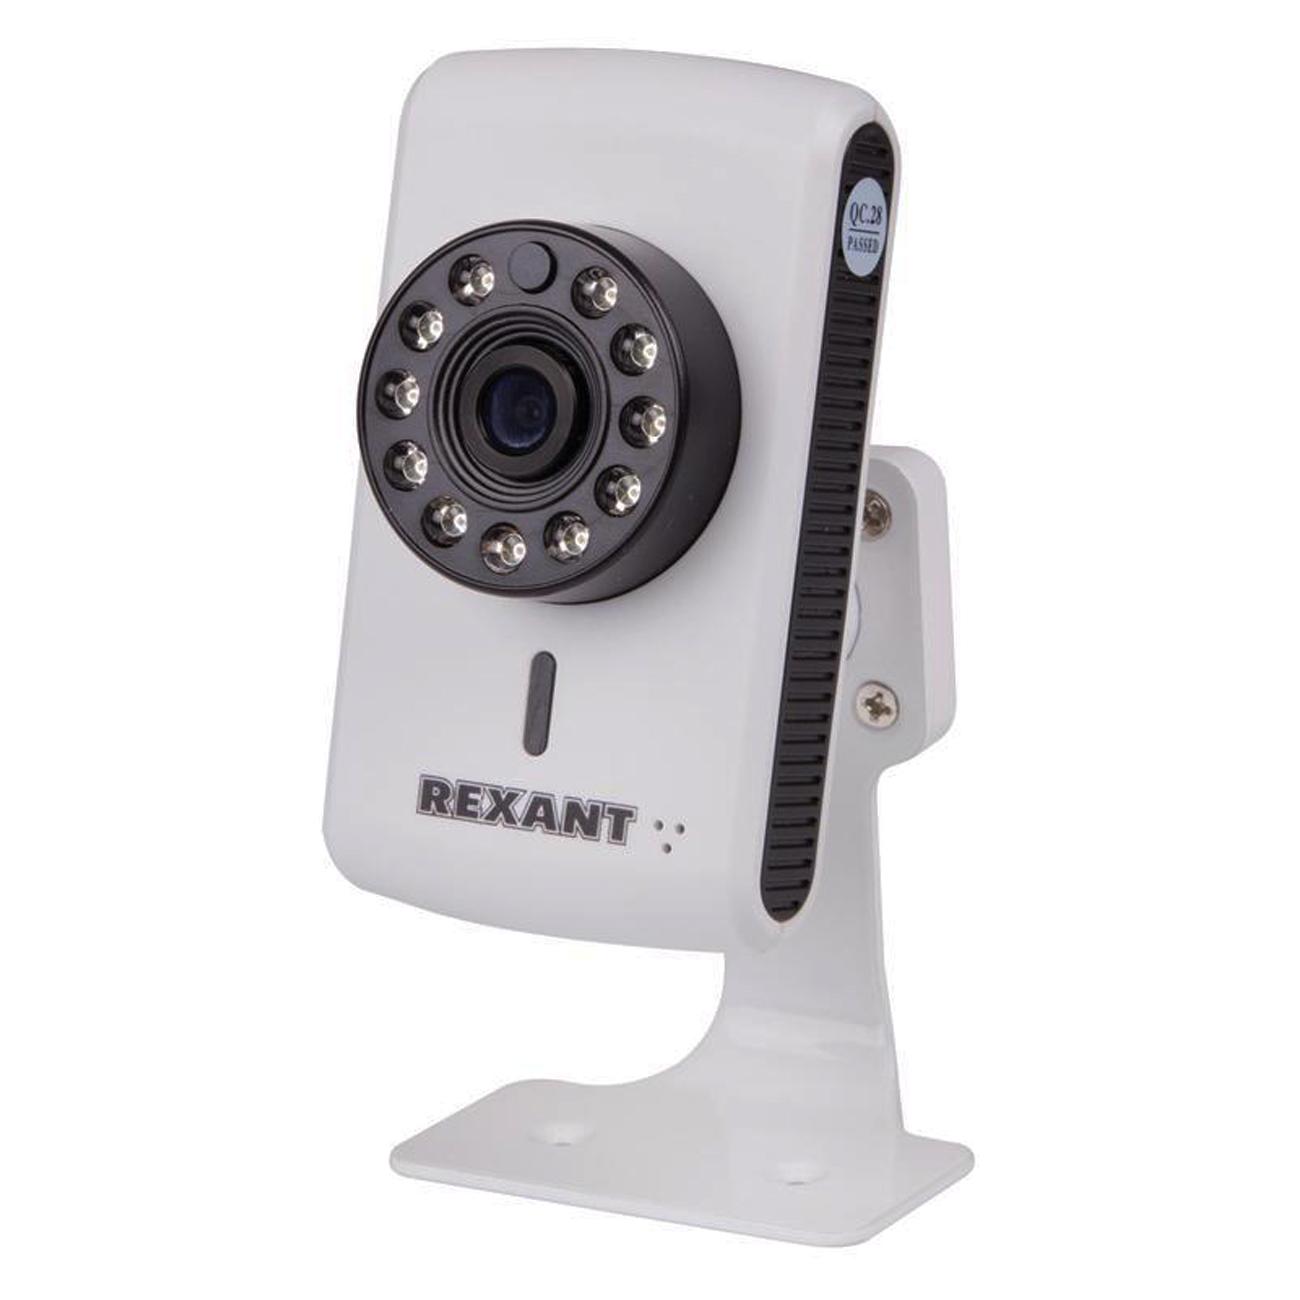 Фото Видеокамера IP Rexant, 1.0 Мп (720P), ИК до 15 м {45-0253}